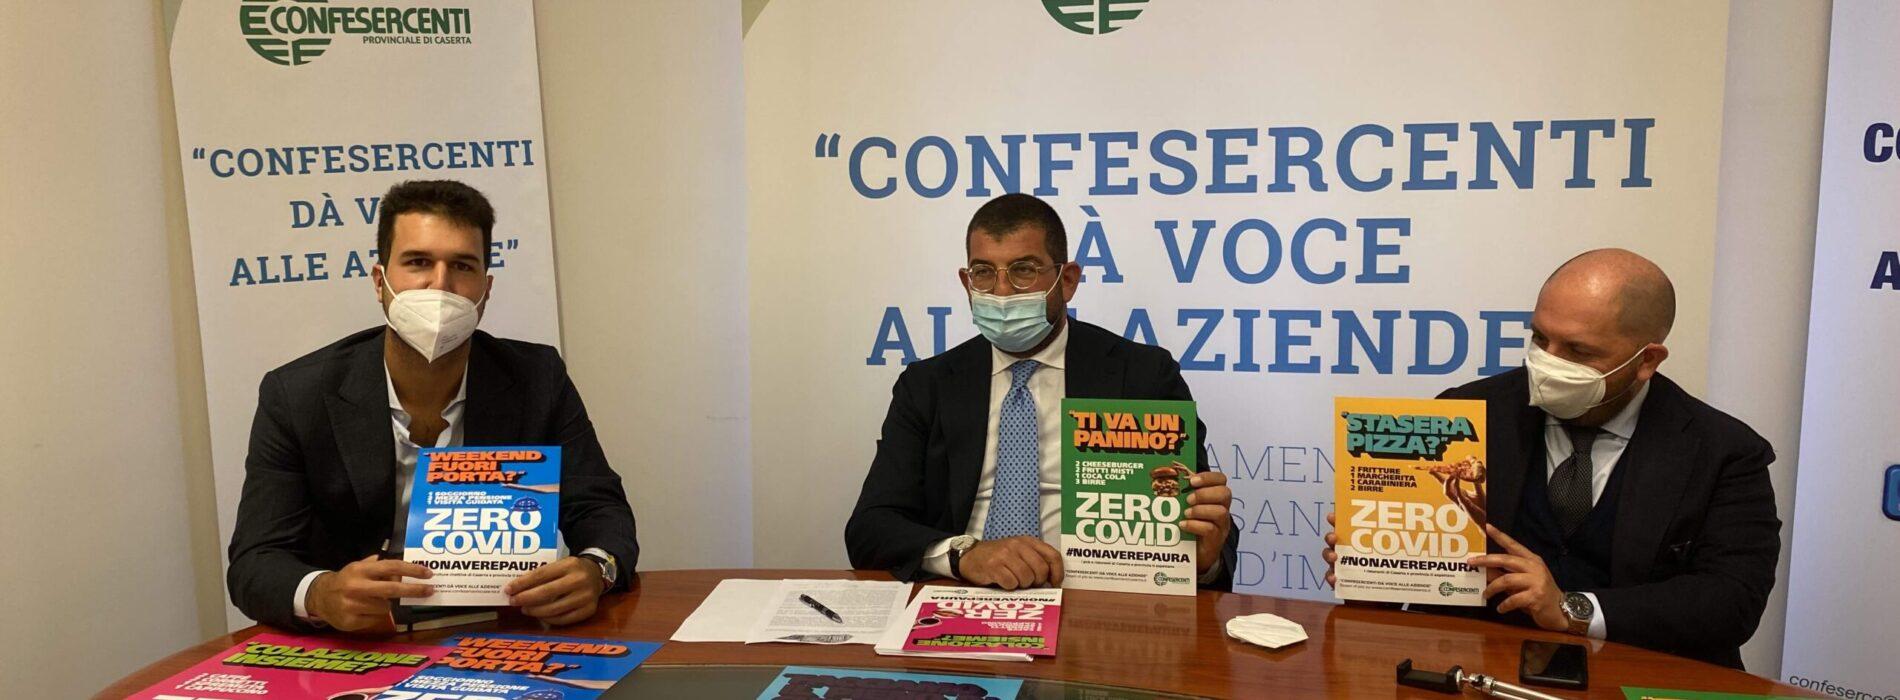 Confesercenti. Al via la campagna Zero Covid #nonaverepaura